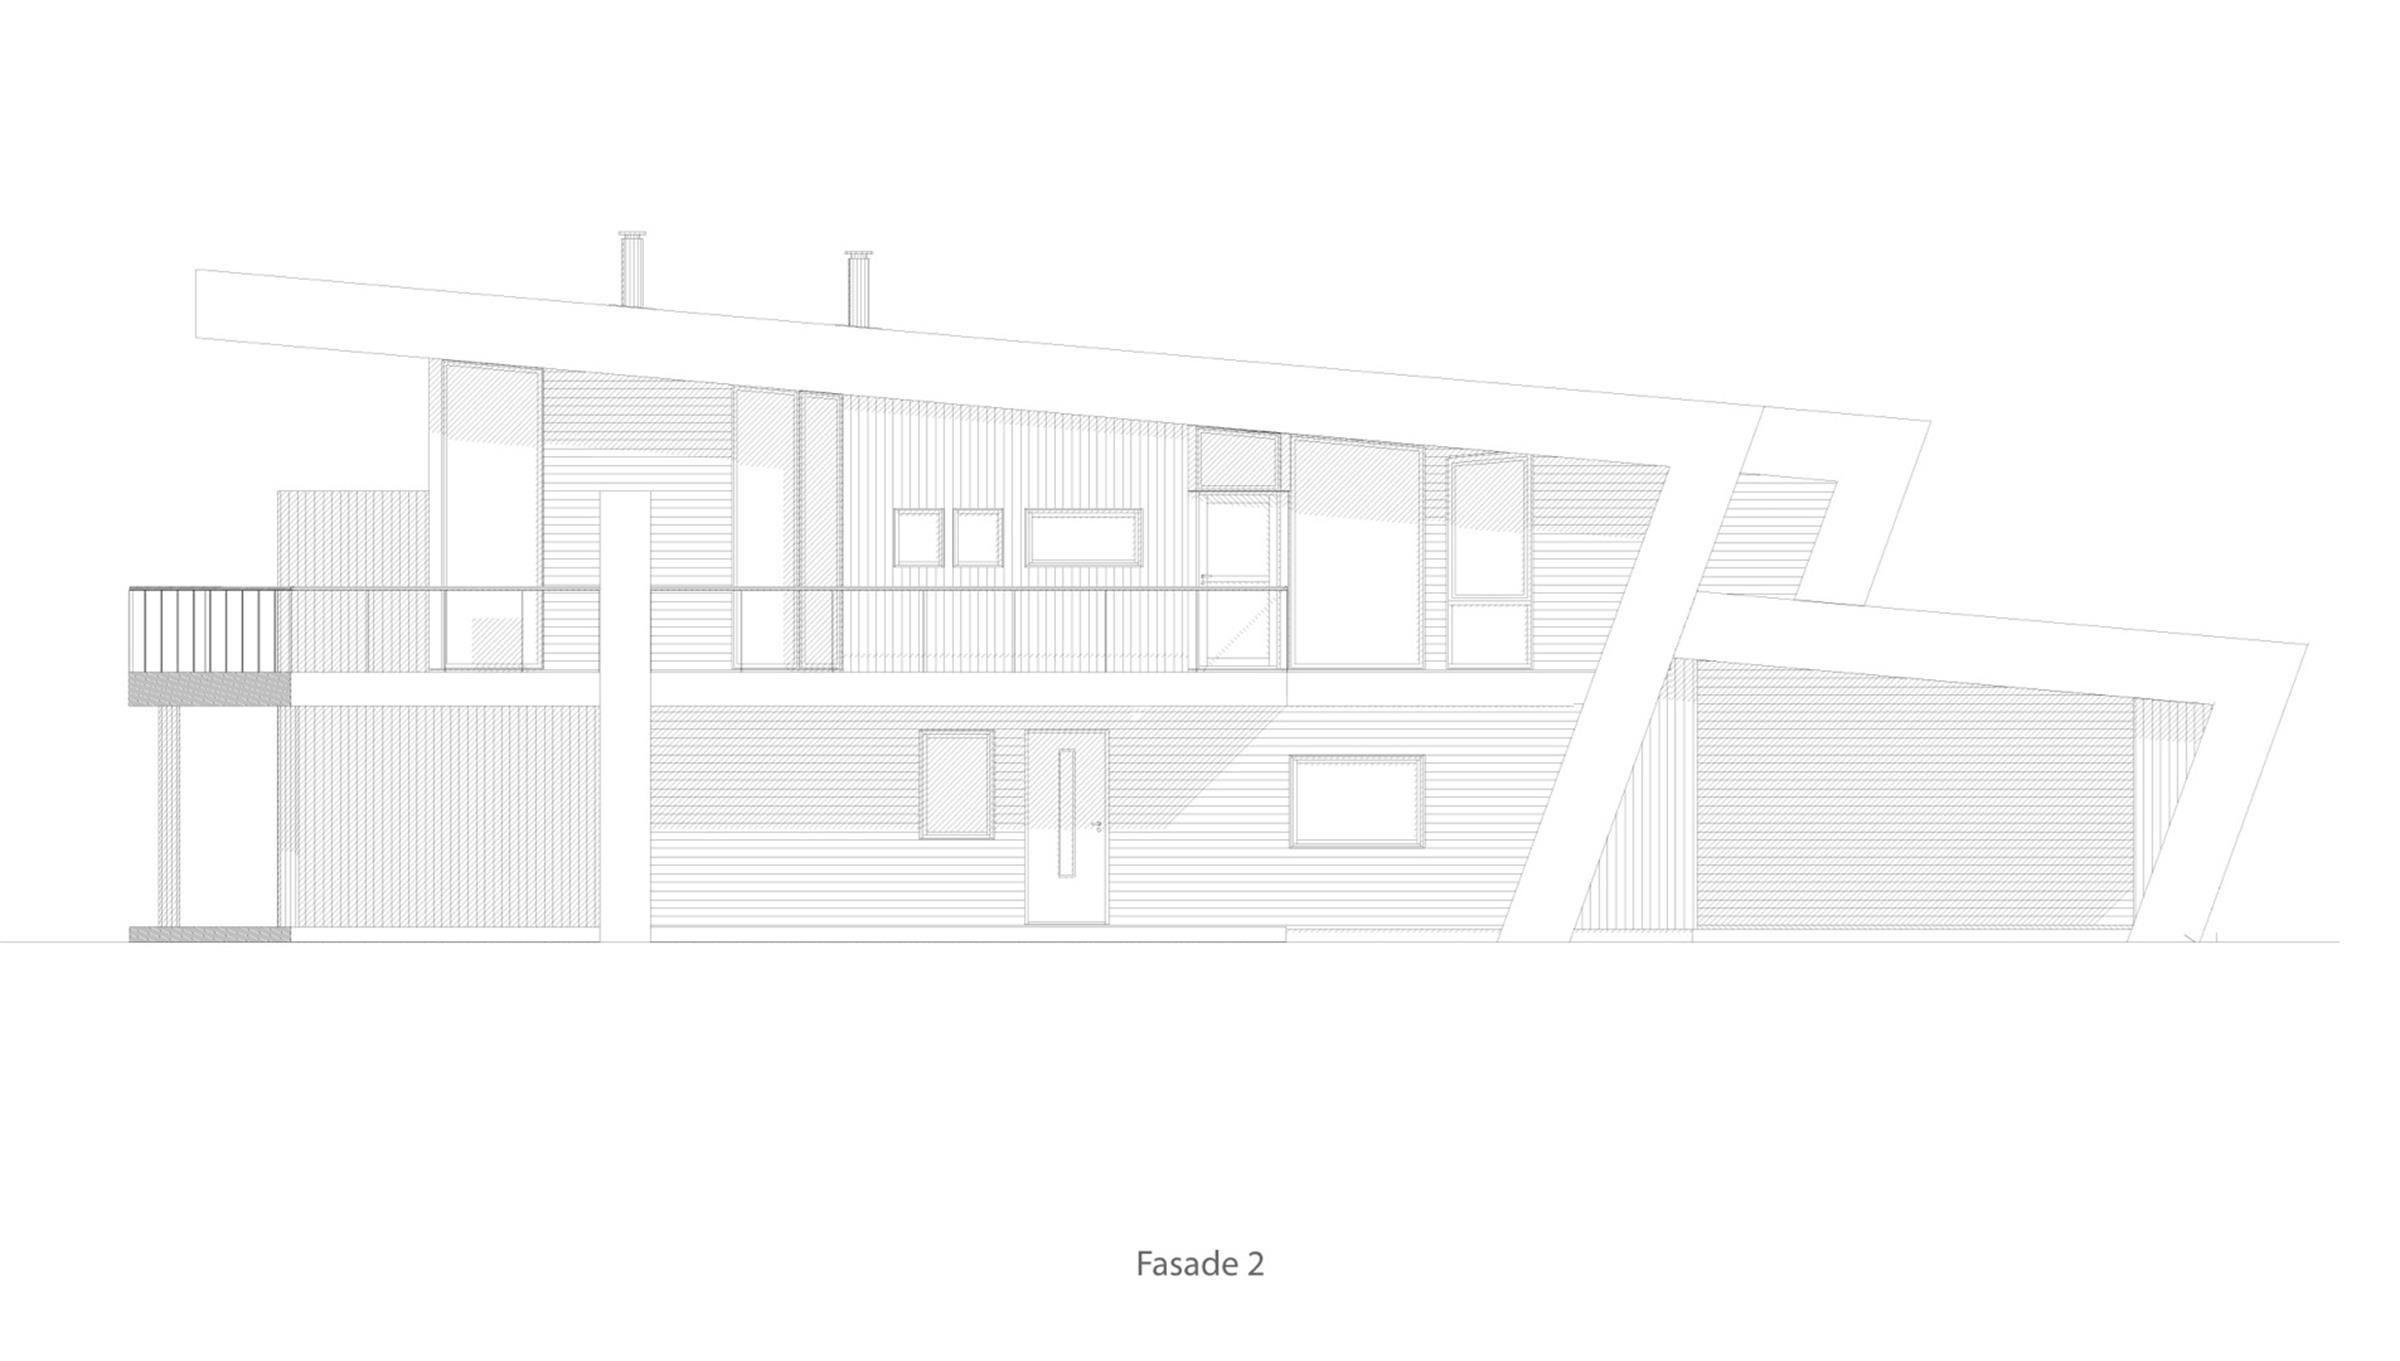 Bygdøy 4 mannsbolig  fasade 2